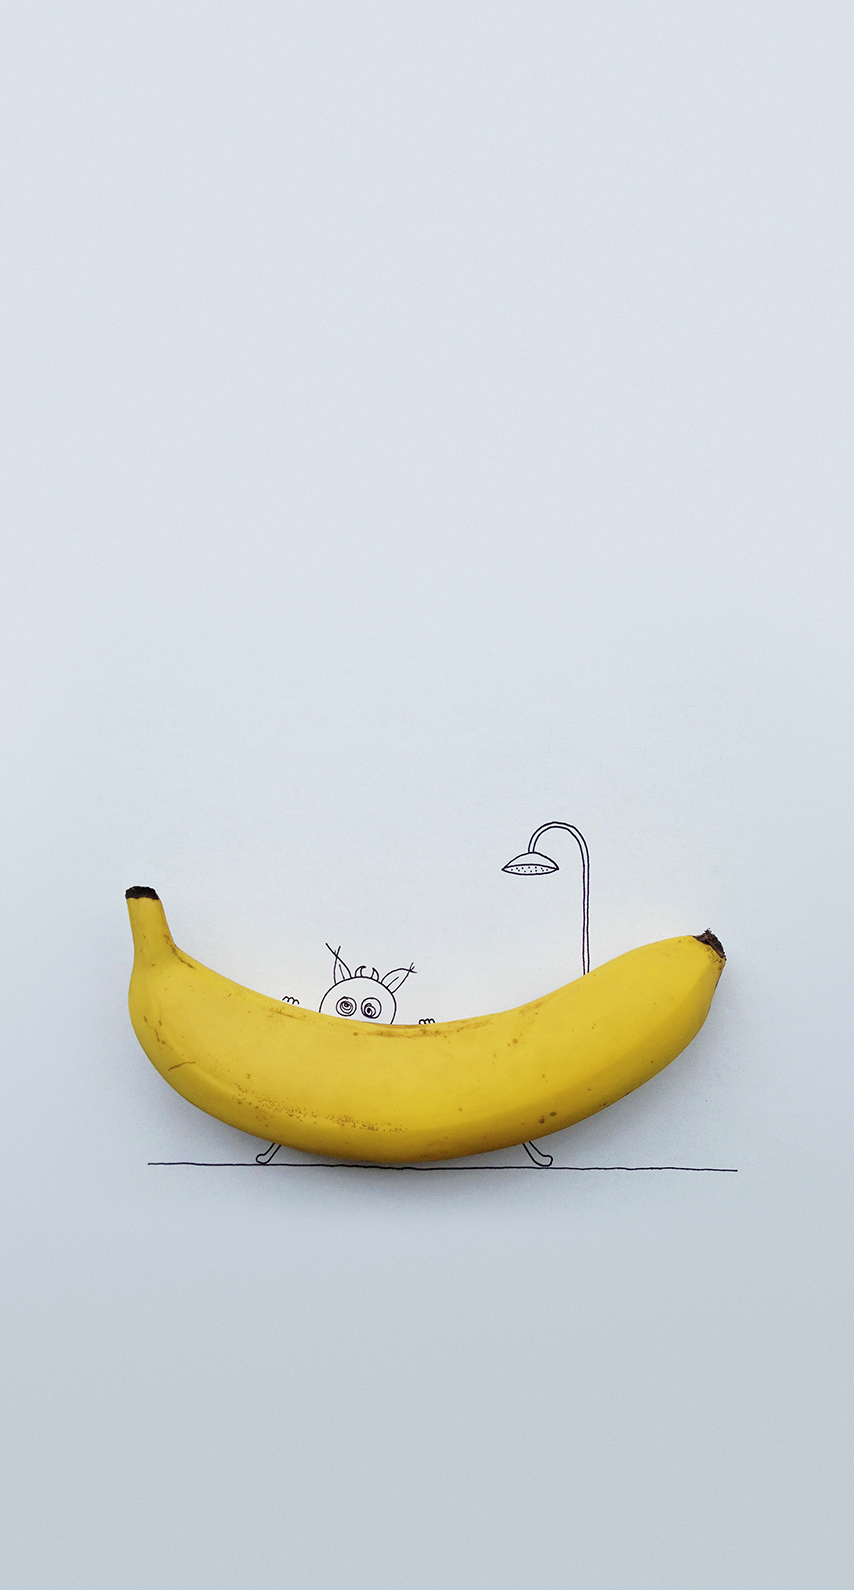 banana family, buoy